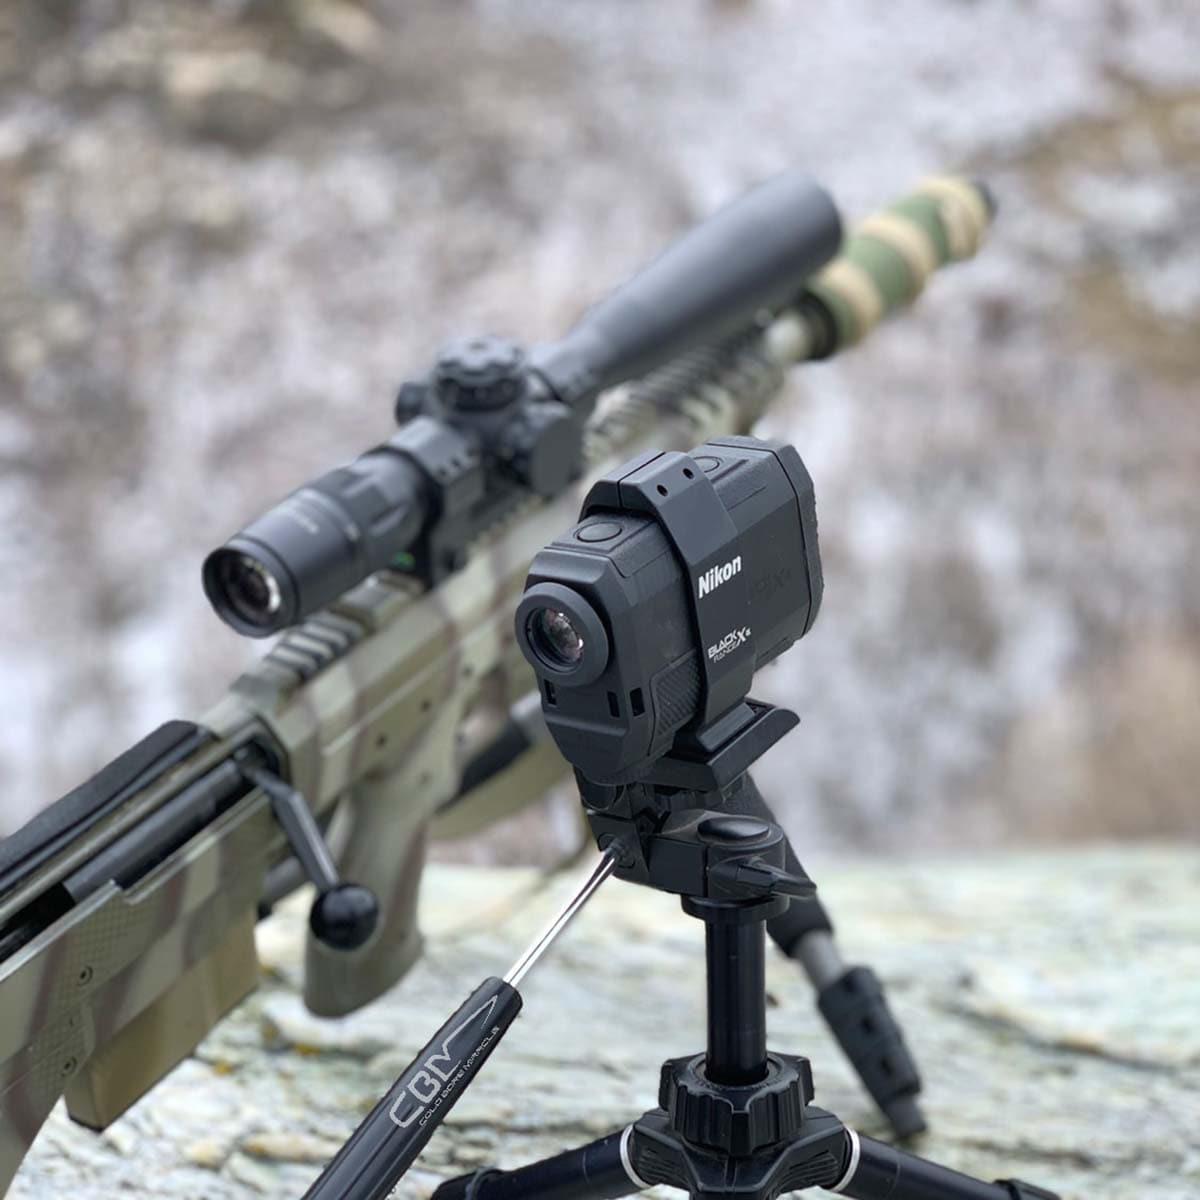 3bf4ee94874 Gear Review: Nikon Black RangeX 4K Laser Rangefinder - Gun Tshirts Store